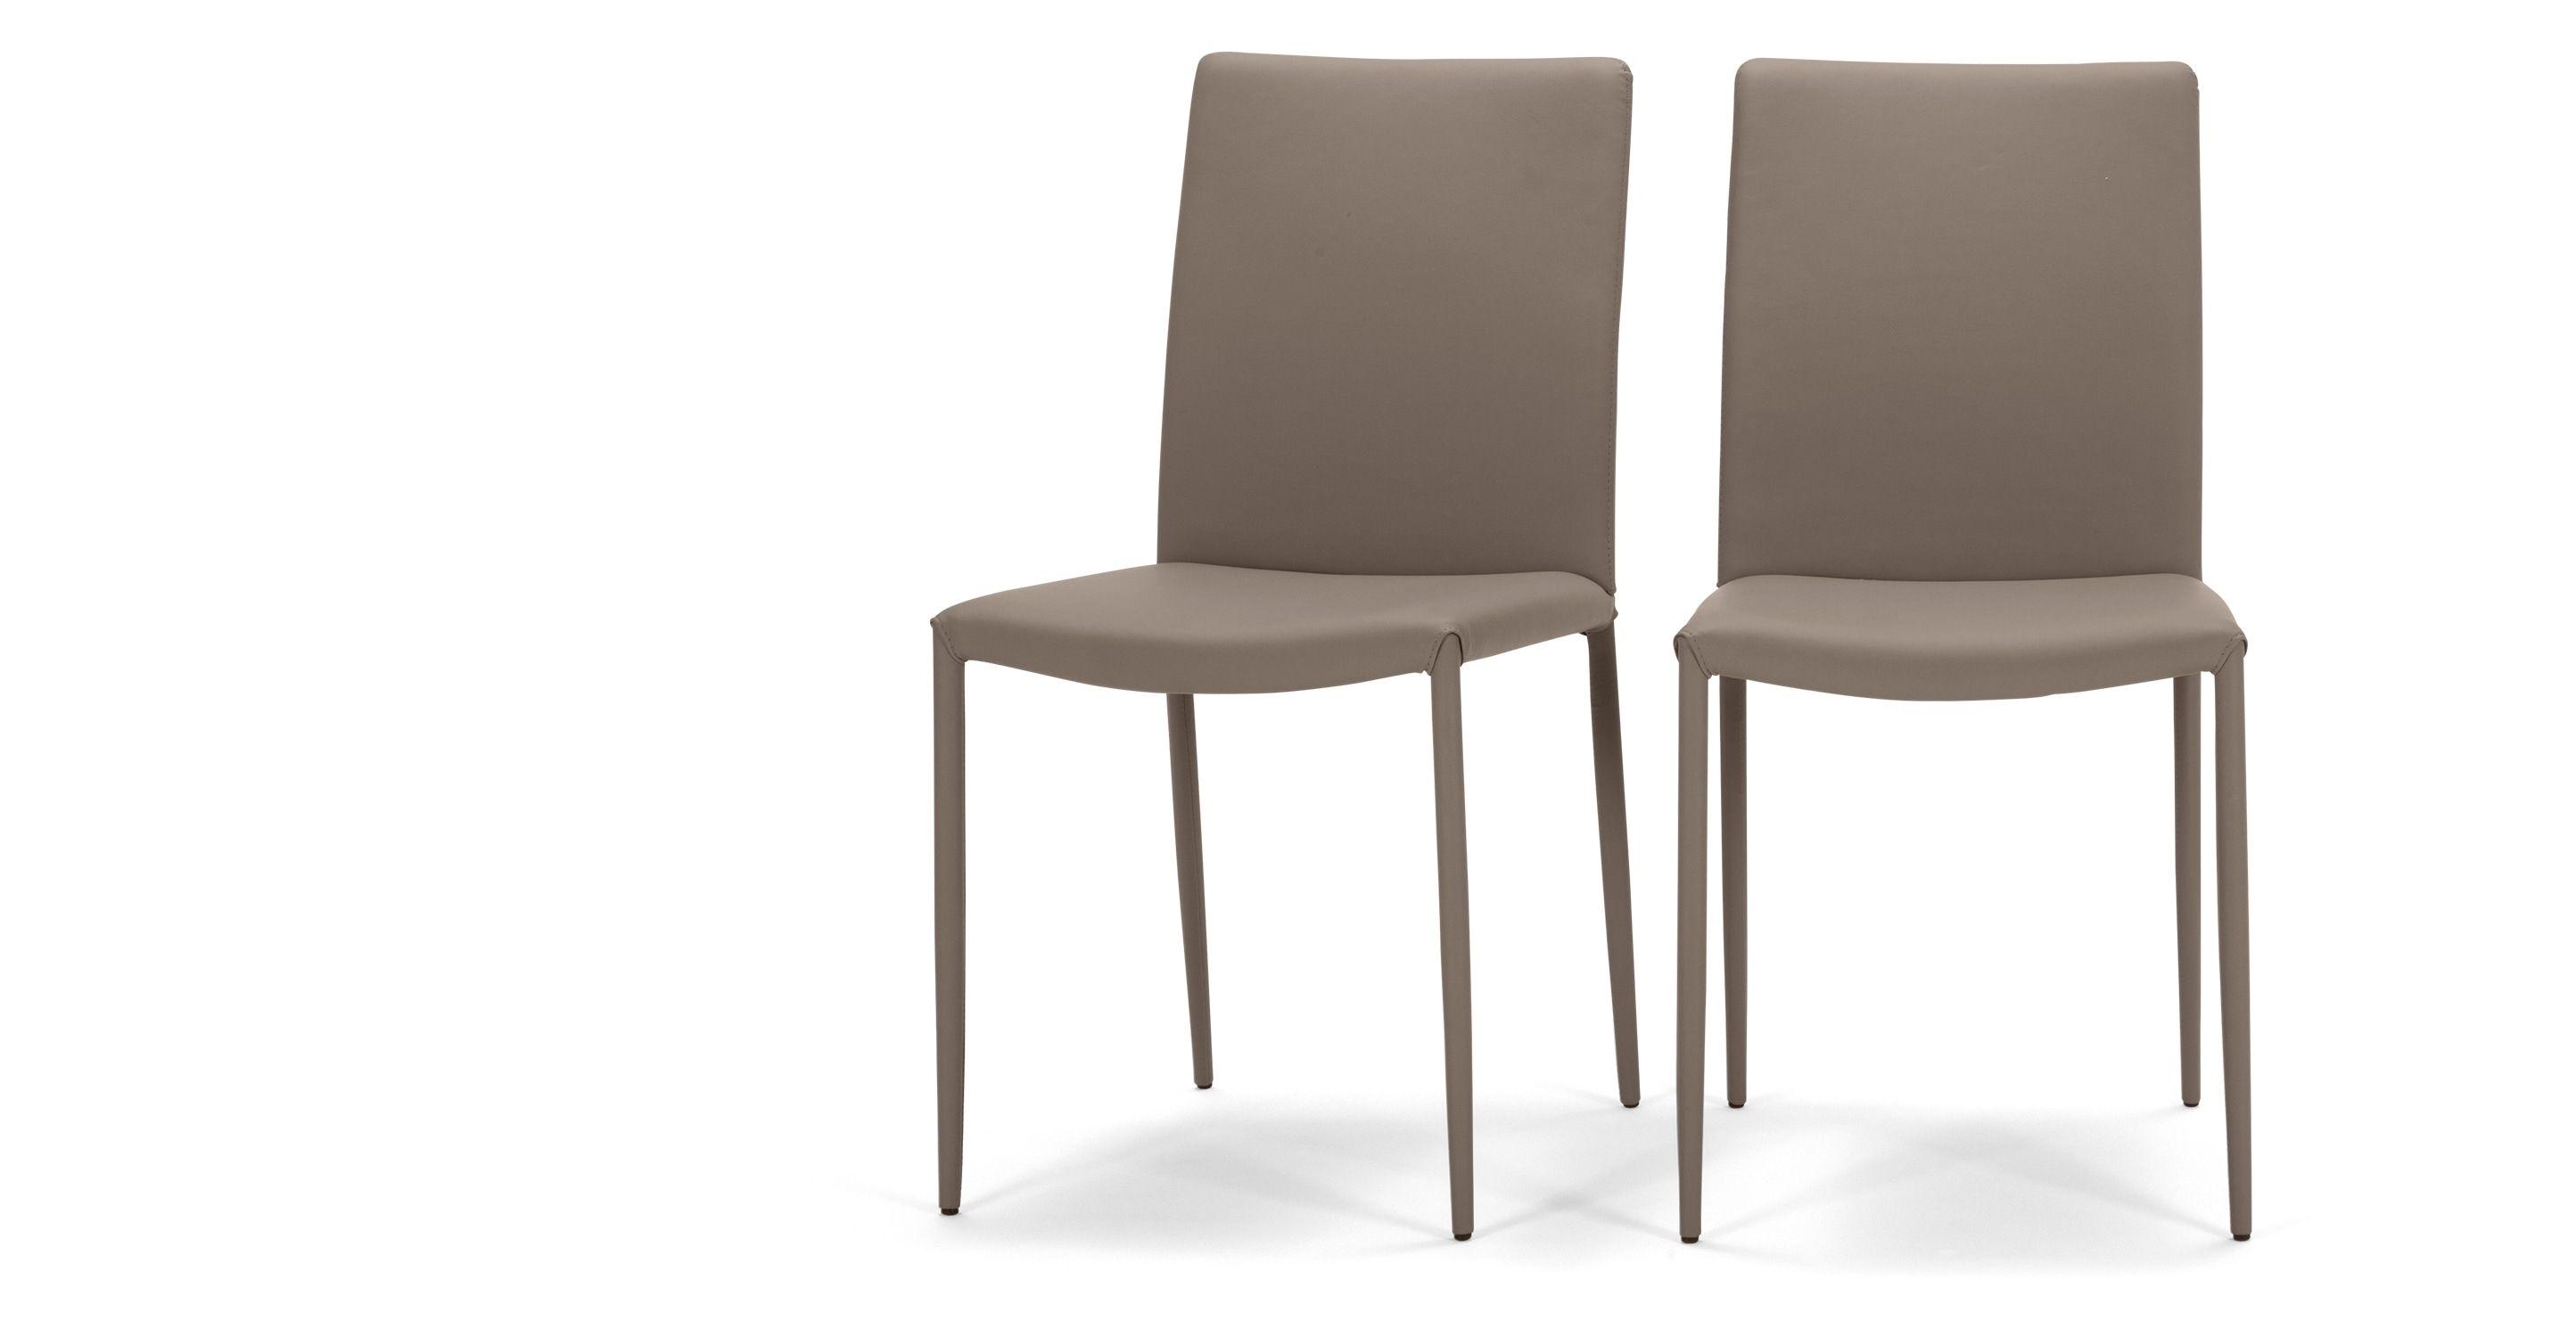 Großartig Esszimmerstühle Leder Das Beste Von 2 X Braga Esszimmerstühle, In Lehmbraun -